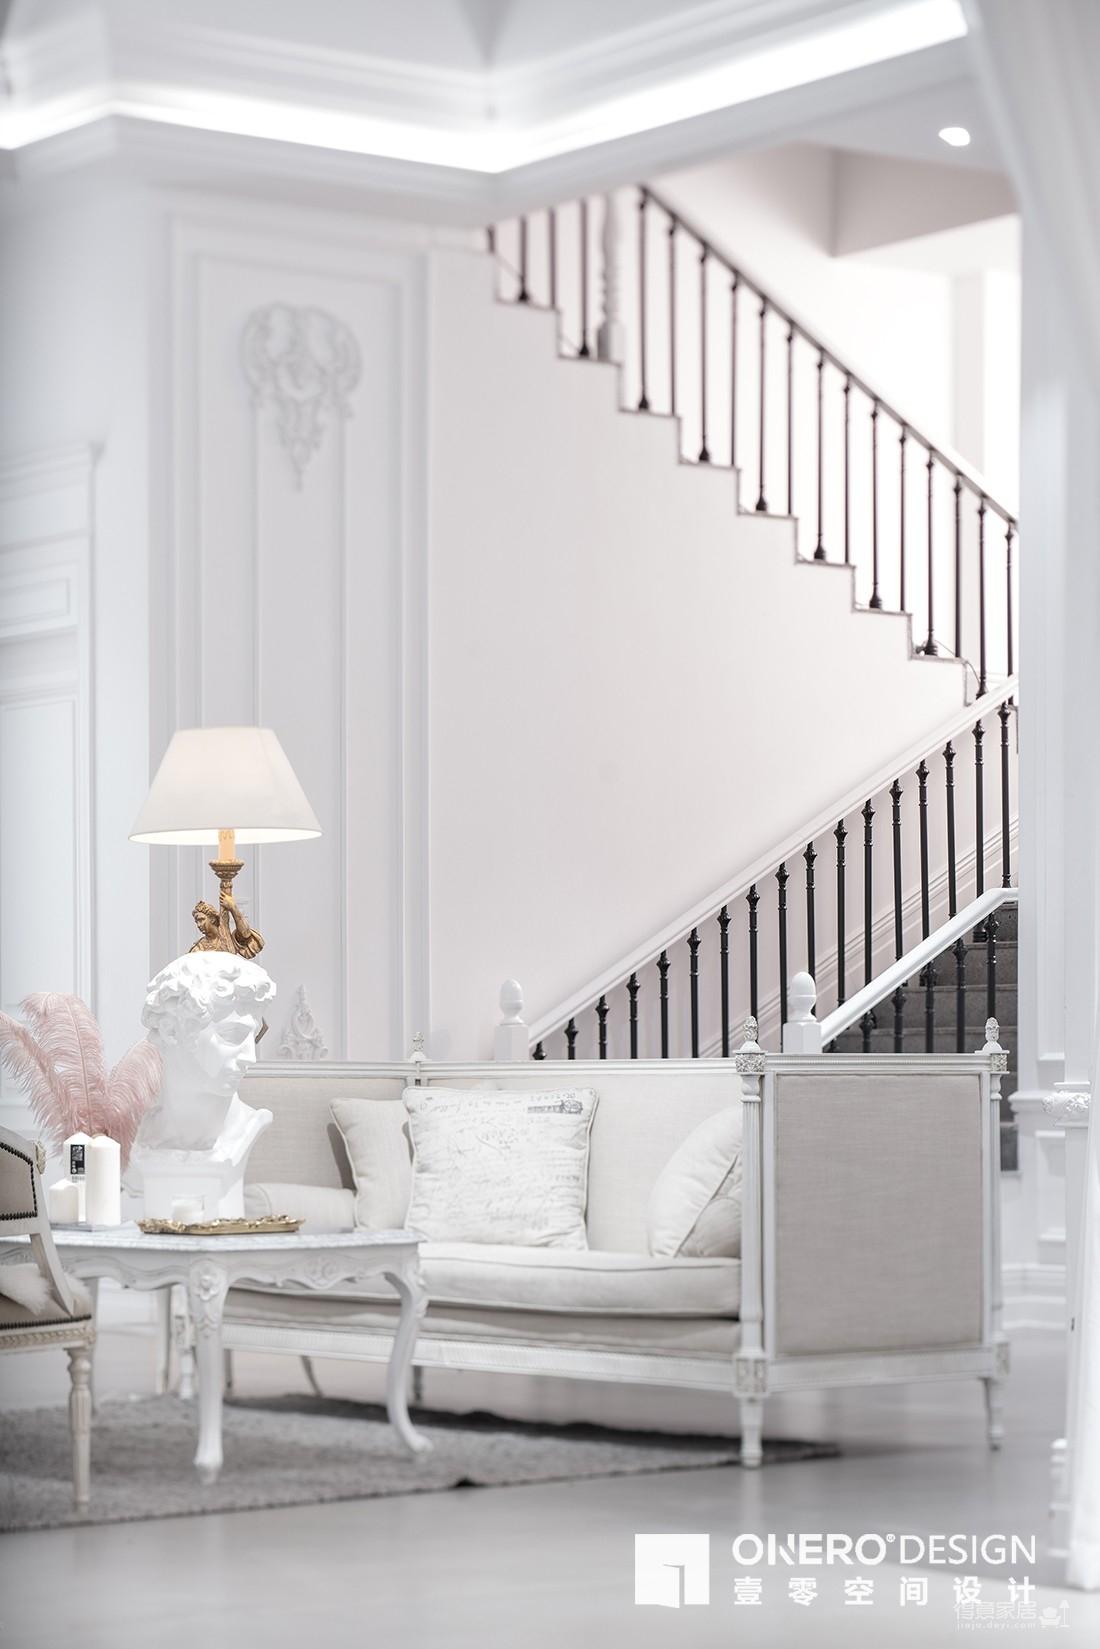 法式庄园里的高定婚纱店,女生心驰神往的精致优雅空间!图_9